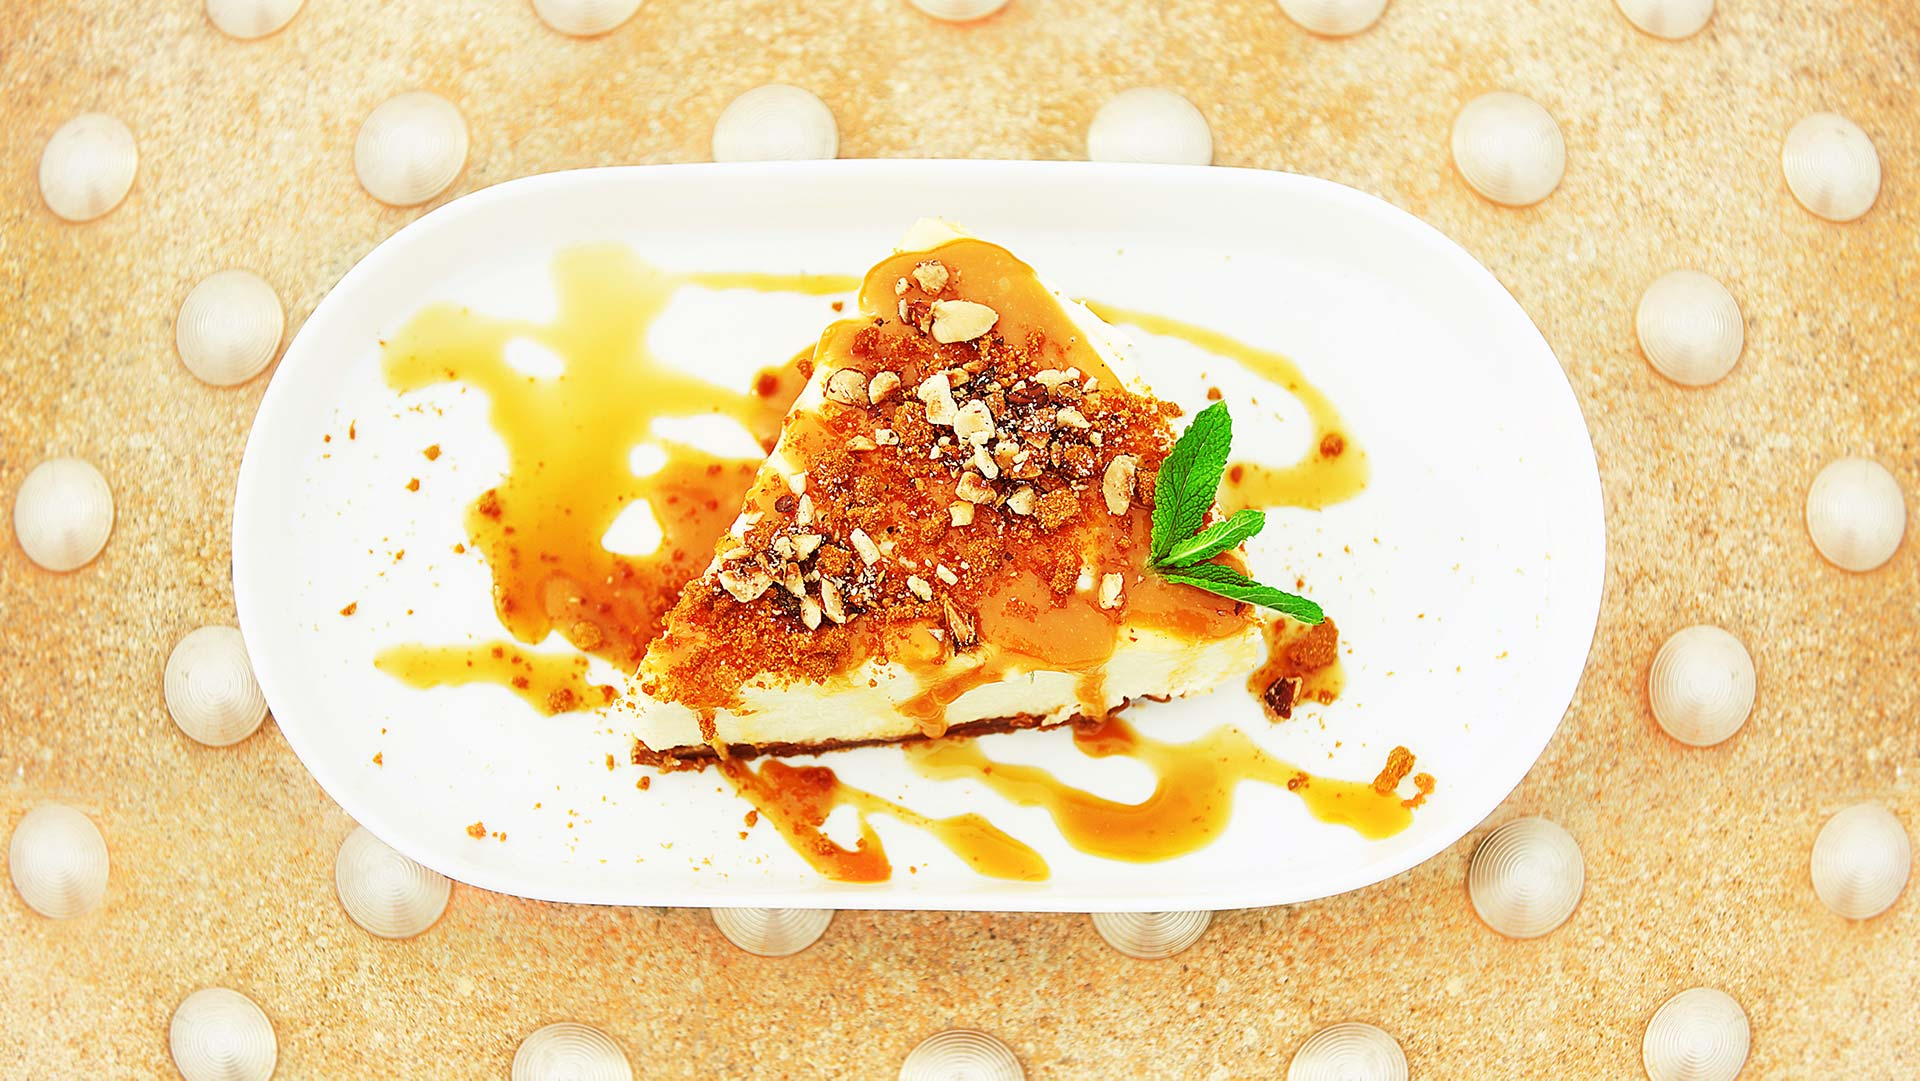 Menu-Delice-Desserts-Restaurant-Les-Planches-Argeles-sur-mer